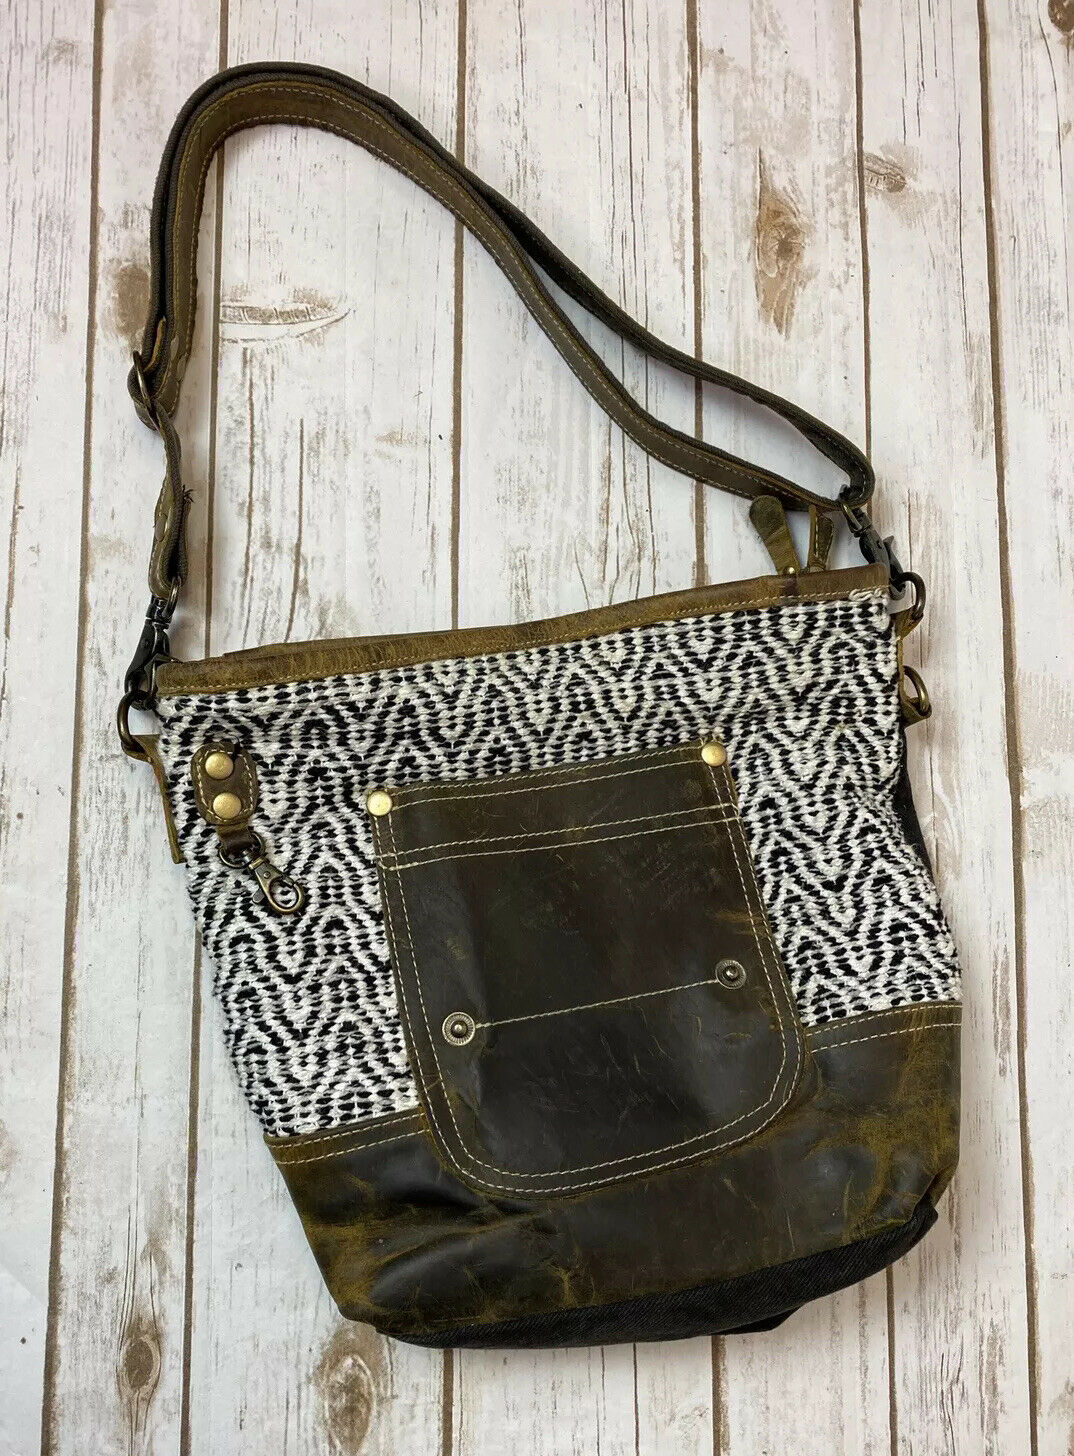 Myra Bag White Black and Brown Leather Shoulder Bag Purse Boho Adjustable Strap